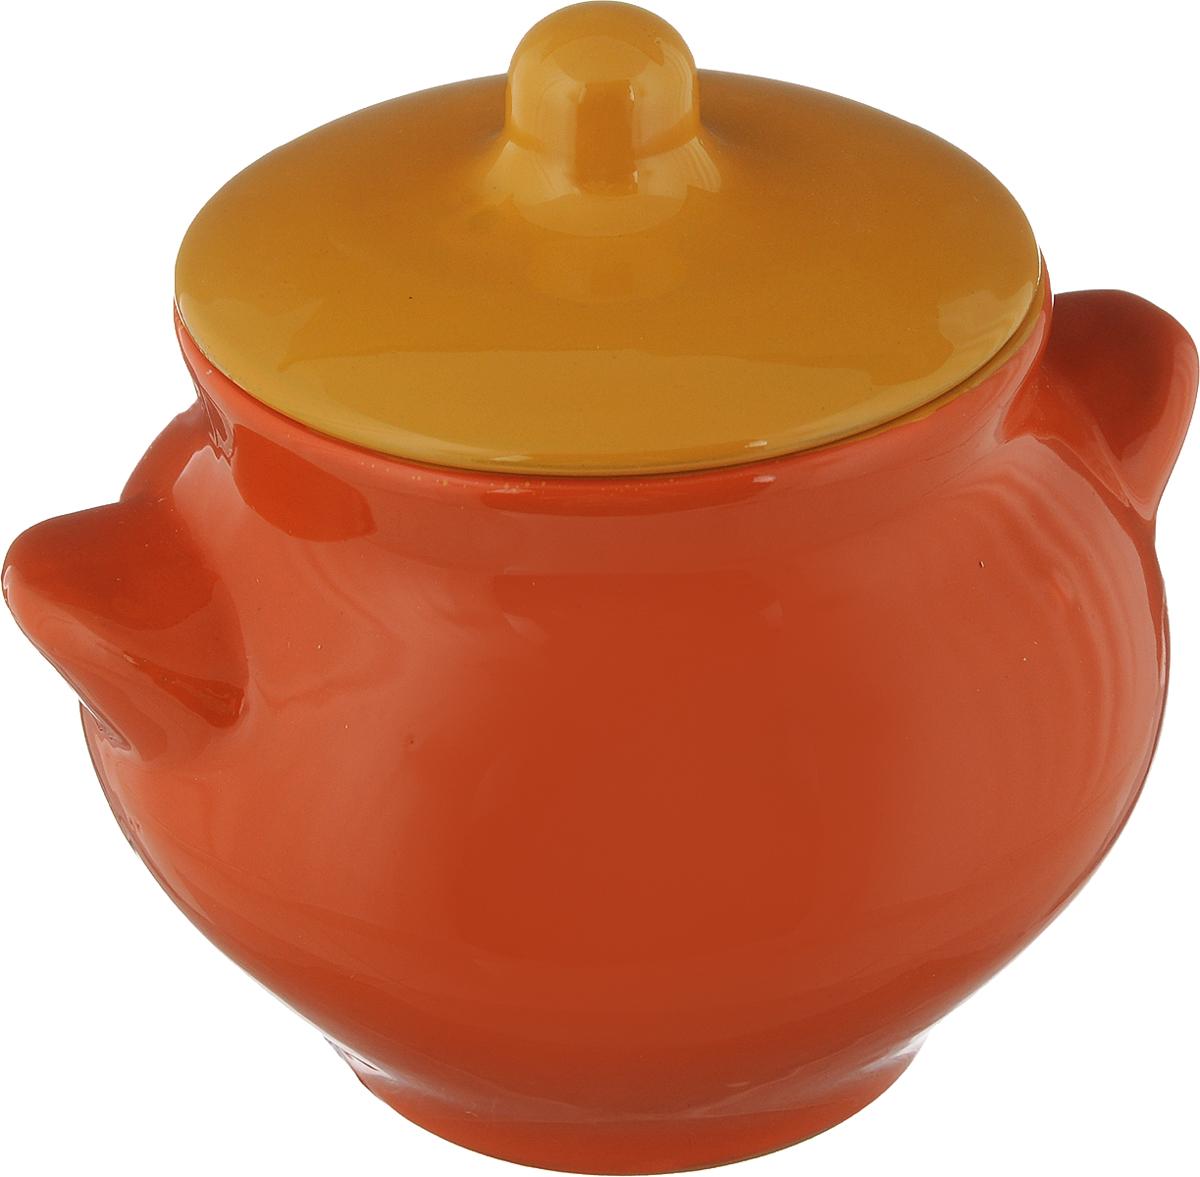 Горшочек для запекания Борисовская керамика Радуга, цвет: оранжевый, желтый, 550 млРАД00000328_оранжевый, жёлтыйГоршочек для запекания Борисовская керамика Радуга выполнен из высококачественной керамики. Уникальные свойства красной глины и толстые стенки изделия обеспечивают эффект русской печи при приготовлении блюд. Блюда, приготовленные в таком горшочке, получаются нежными и сочными. Вы сможете приготовить мясо, сделать томленые овощи и все это без капли масла. Это один из самых здоровых способов готовки. Диаметр горшка (по верхнему краю): 9,5 см. Высота стенок: 11 см.